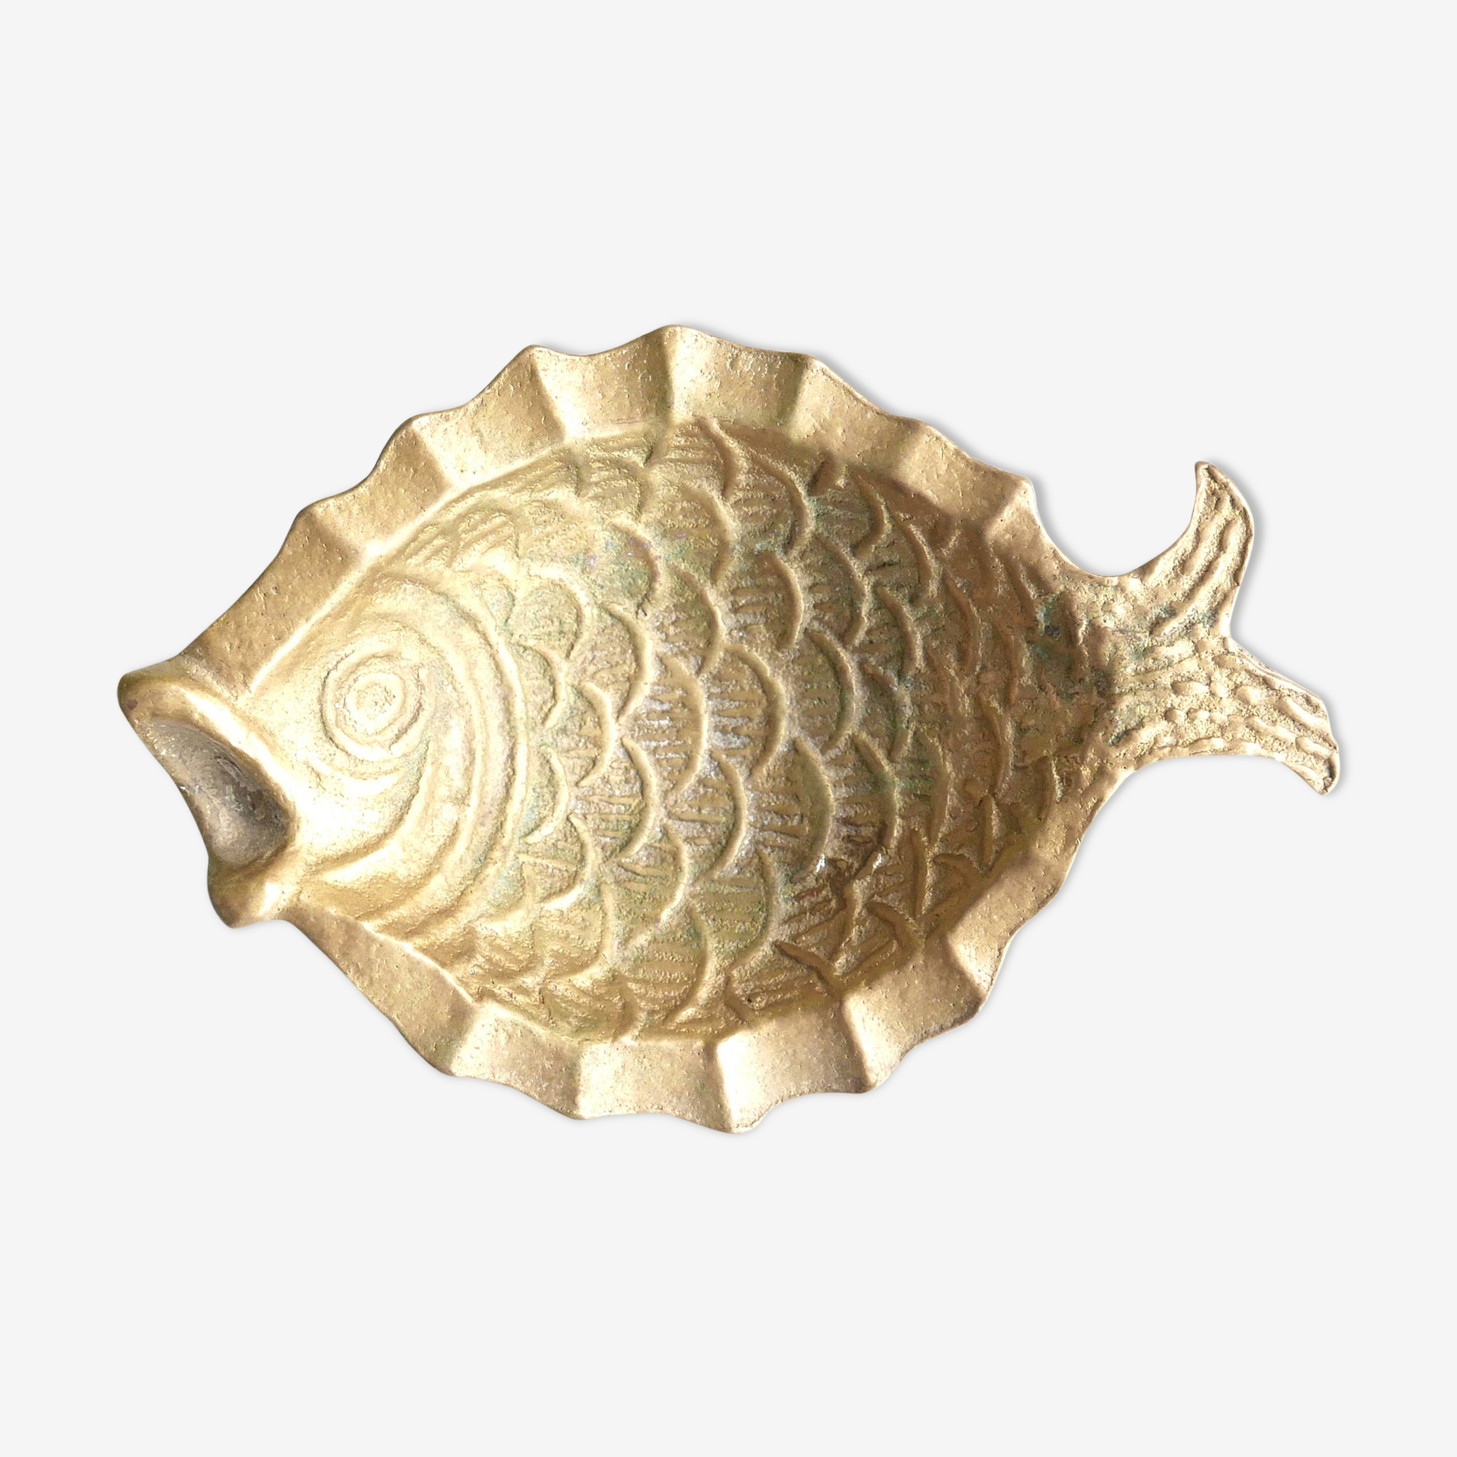 Vide poche poisson en laiton des années 50